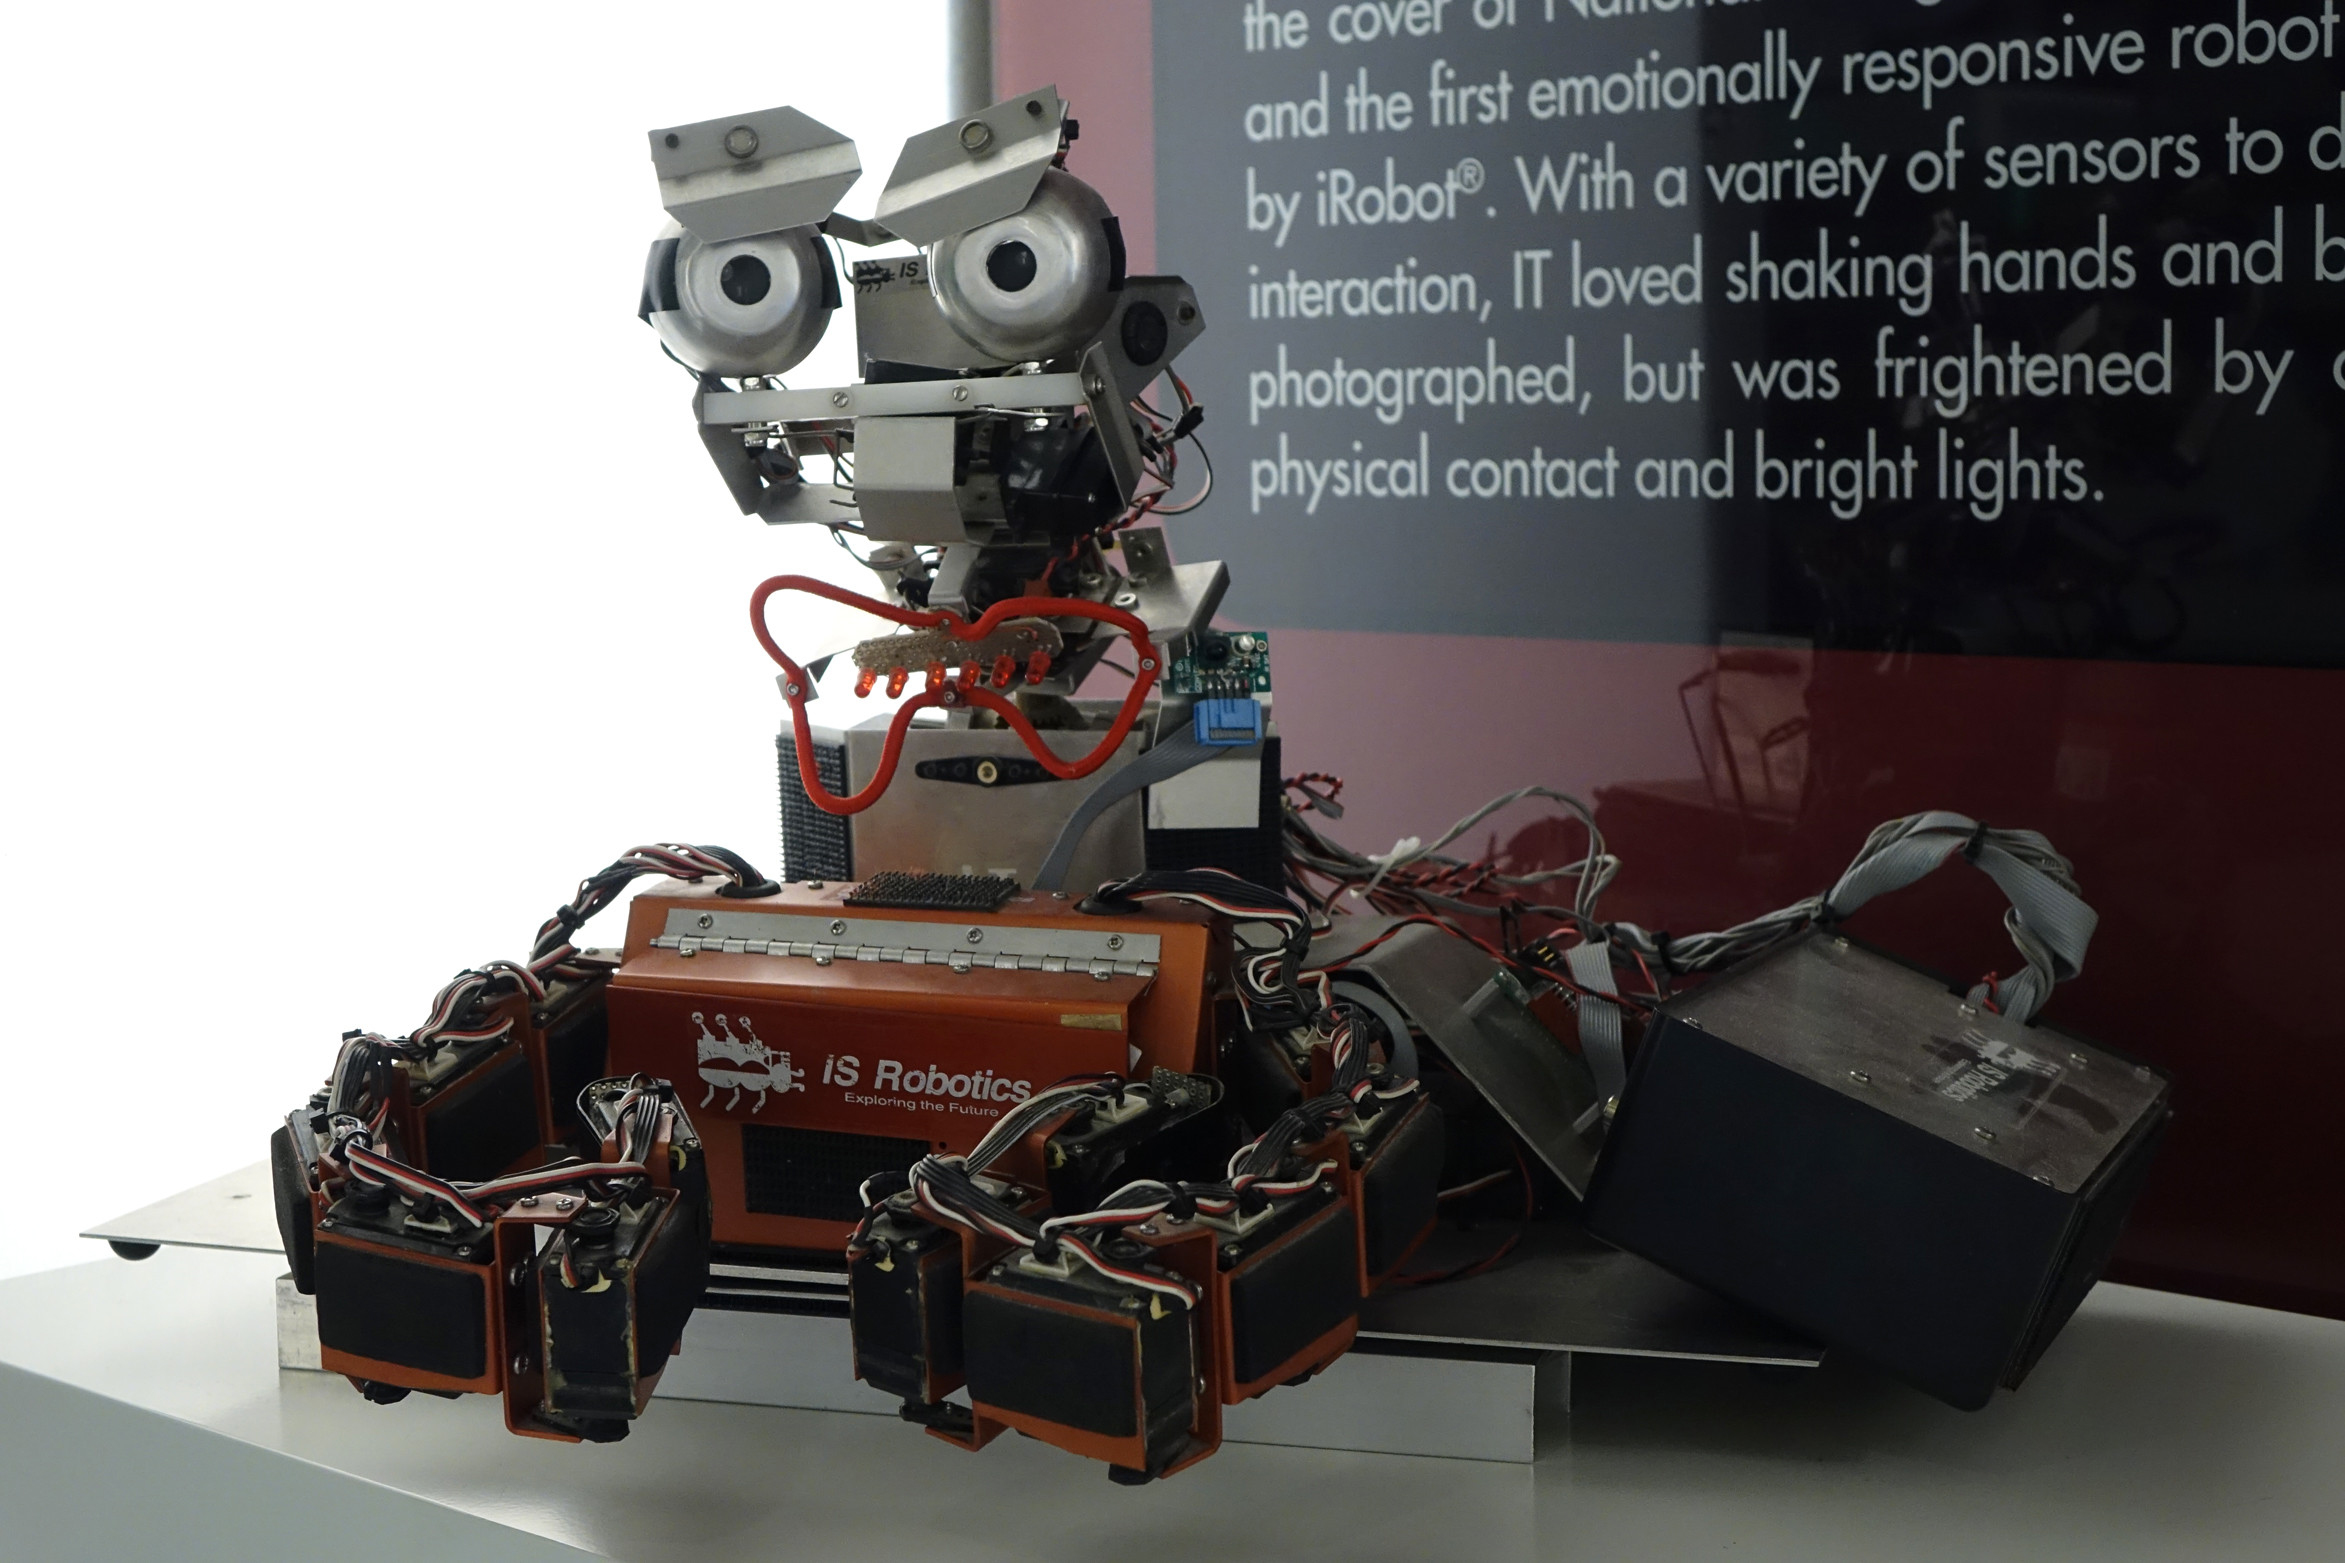 Museo de iRobot en sus oficinas centrales